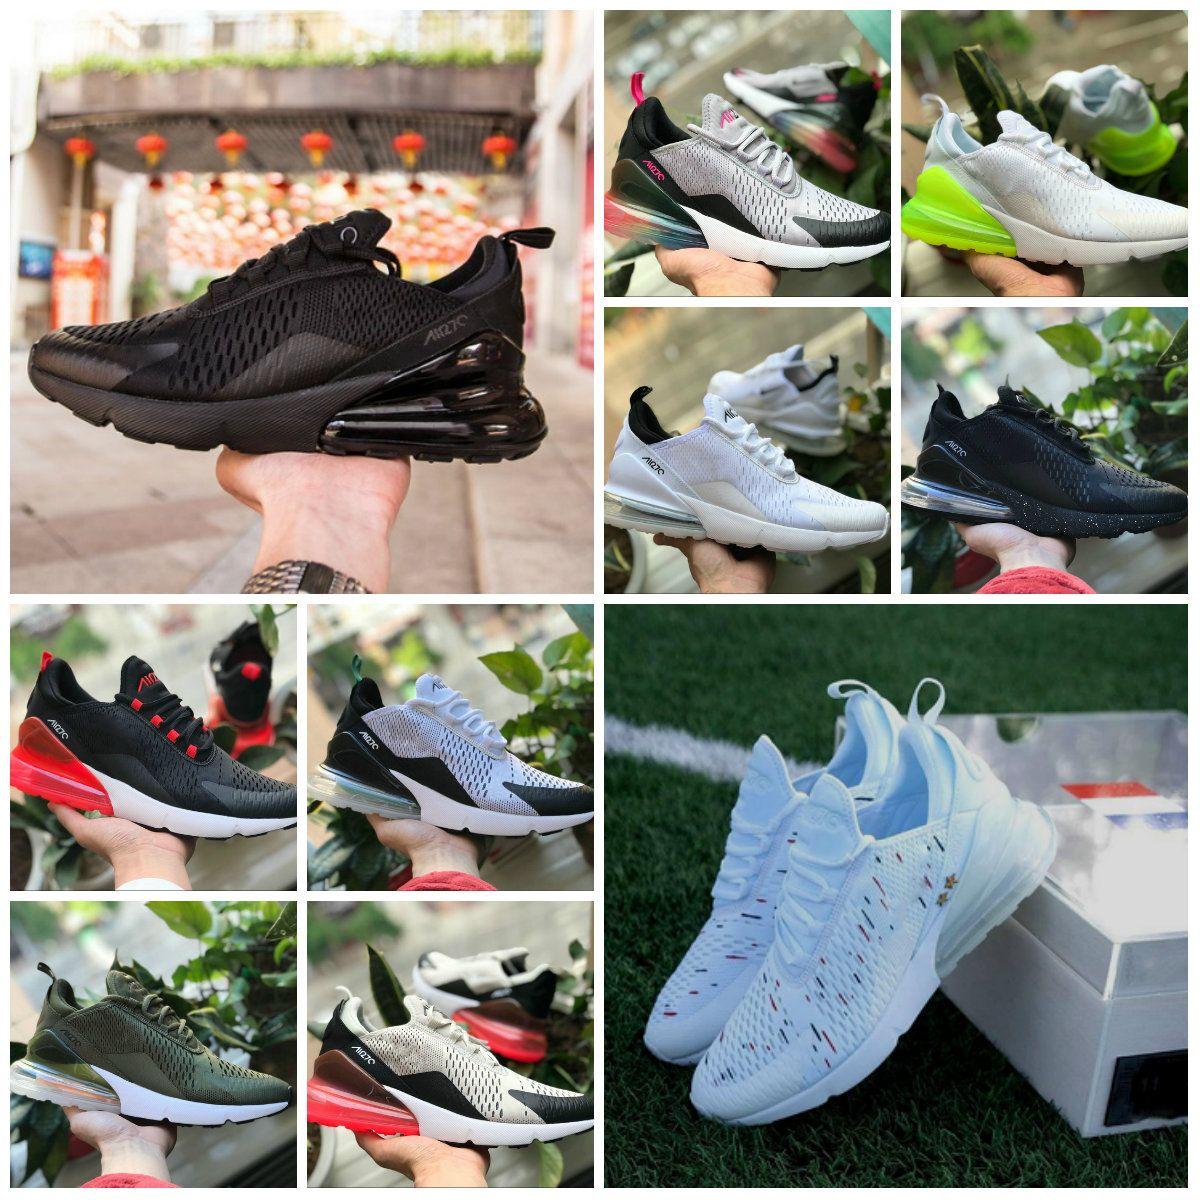 2019 27c Regency Lila Männer Frauen Triple Schwarz Weiß Presto Tiger Training Designer TN Plus Outdoor-Schuhe Sporttrainer Zapatos Turnschuhe